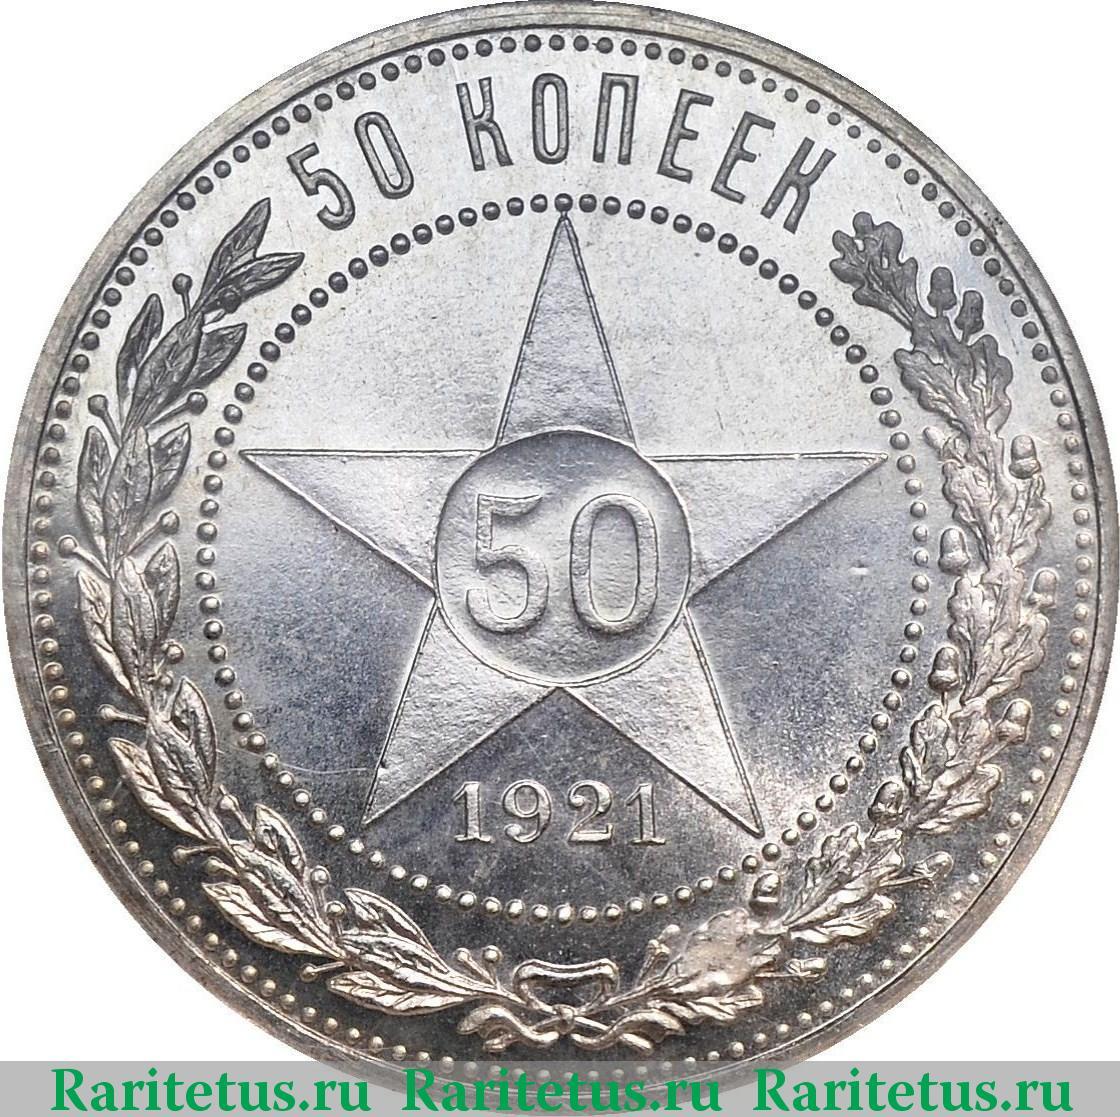 50 копеек ссср 1921 27 гг описание монеты регулярный чекан купить